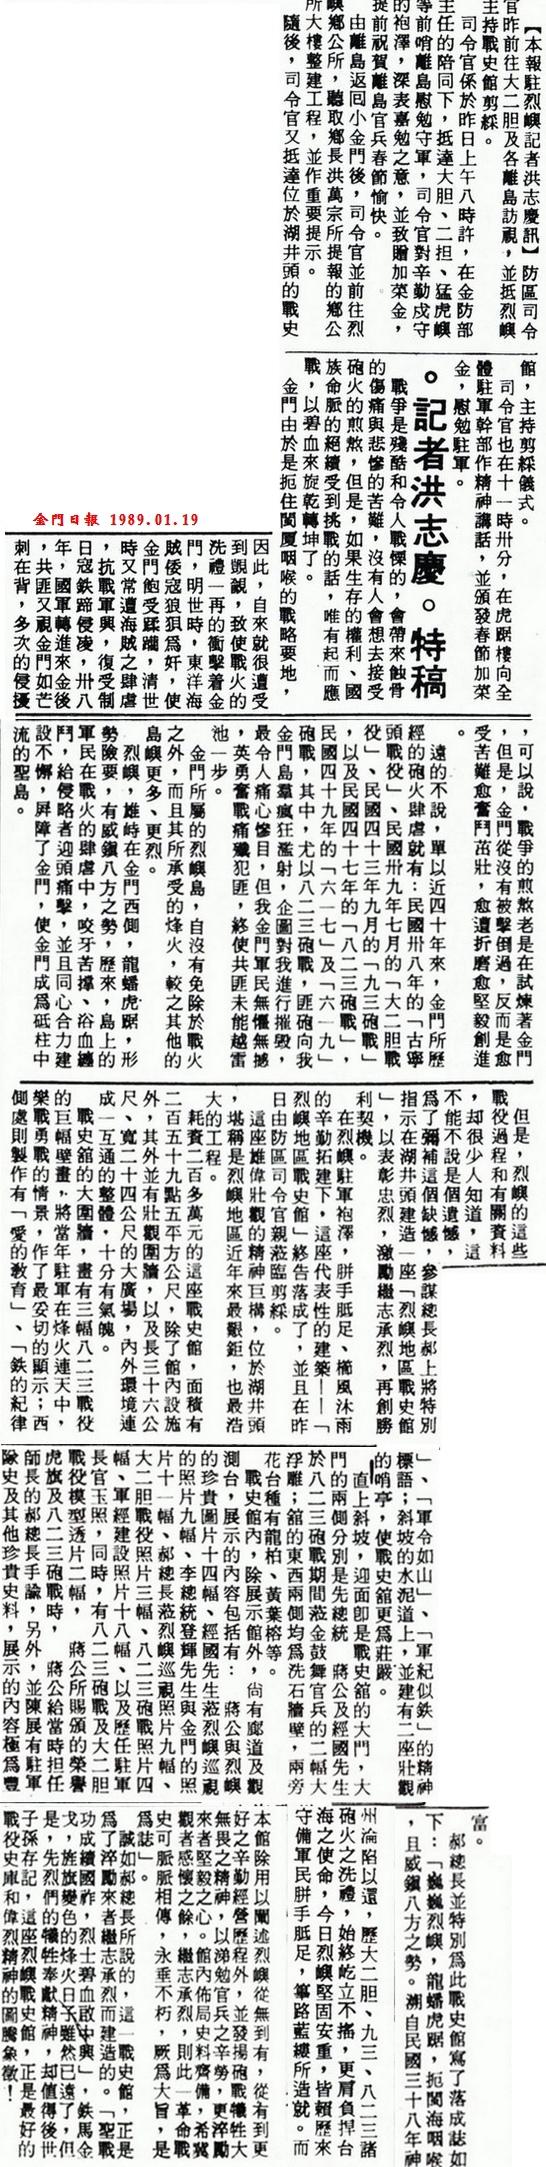 19890119金門日報採用